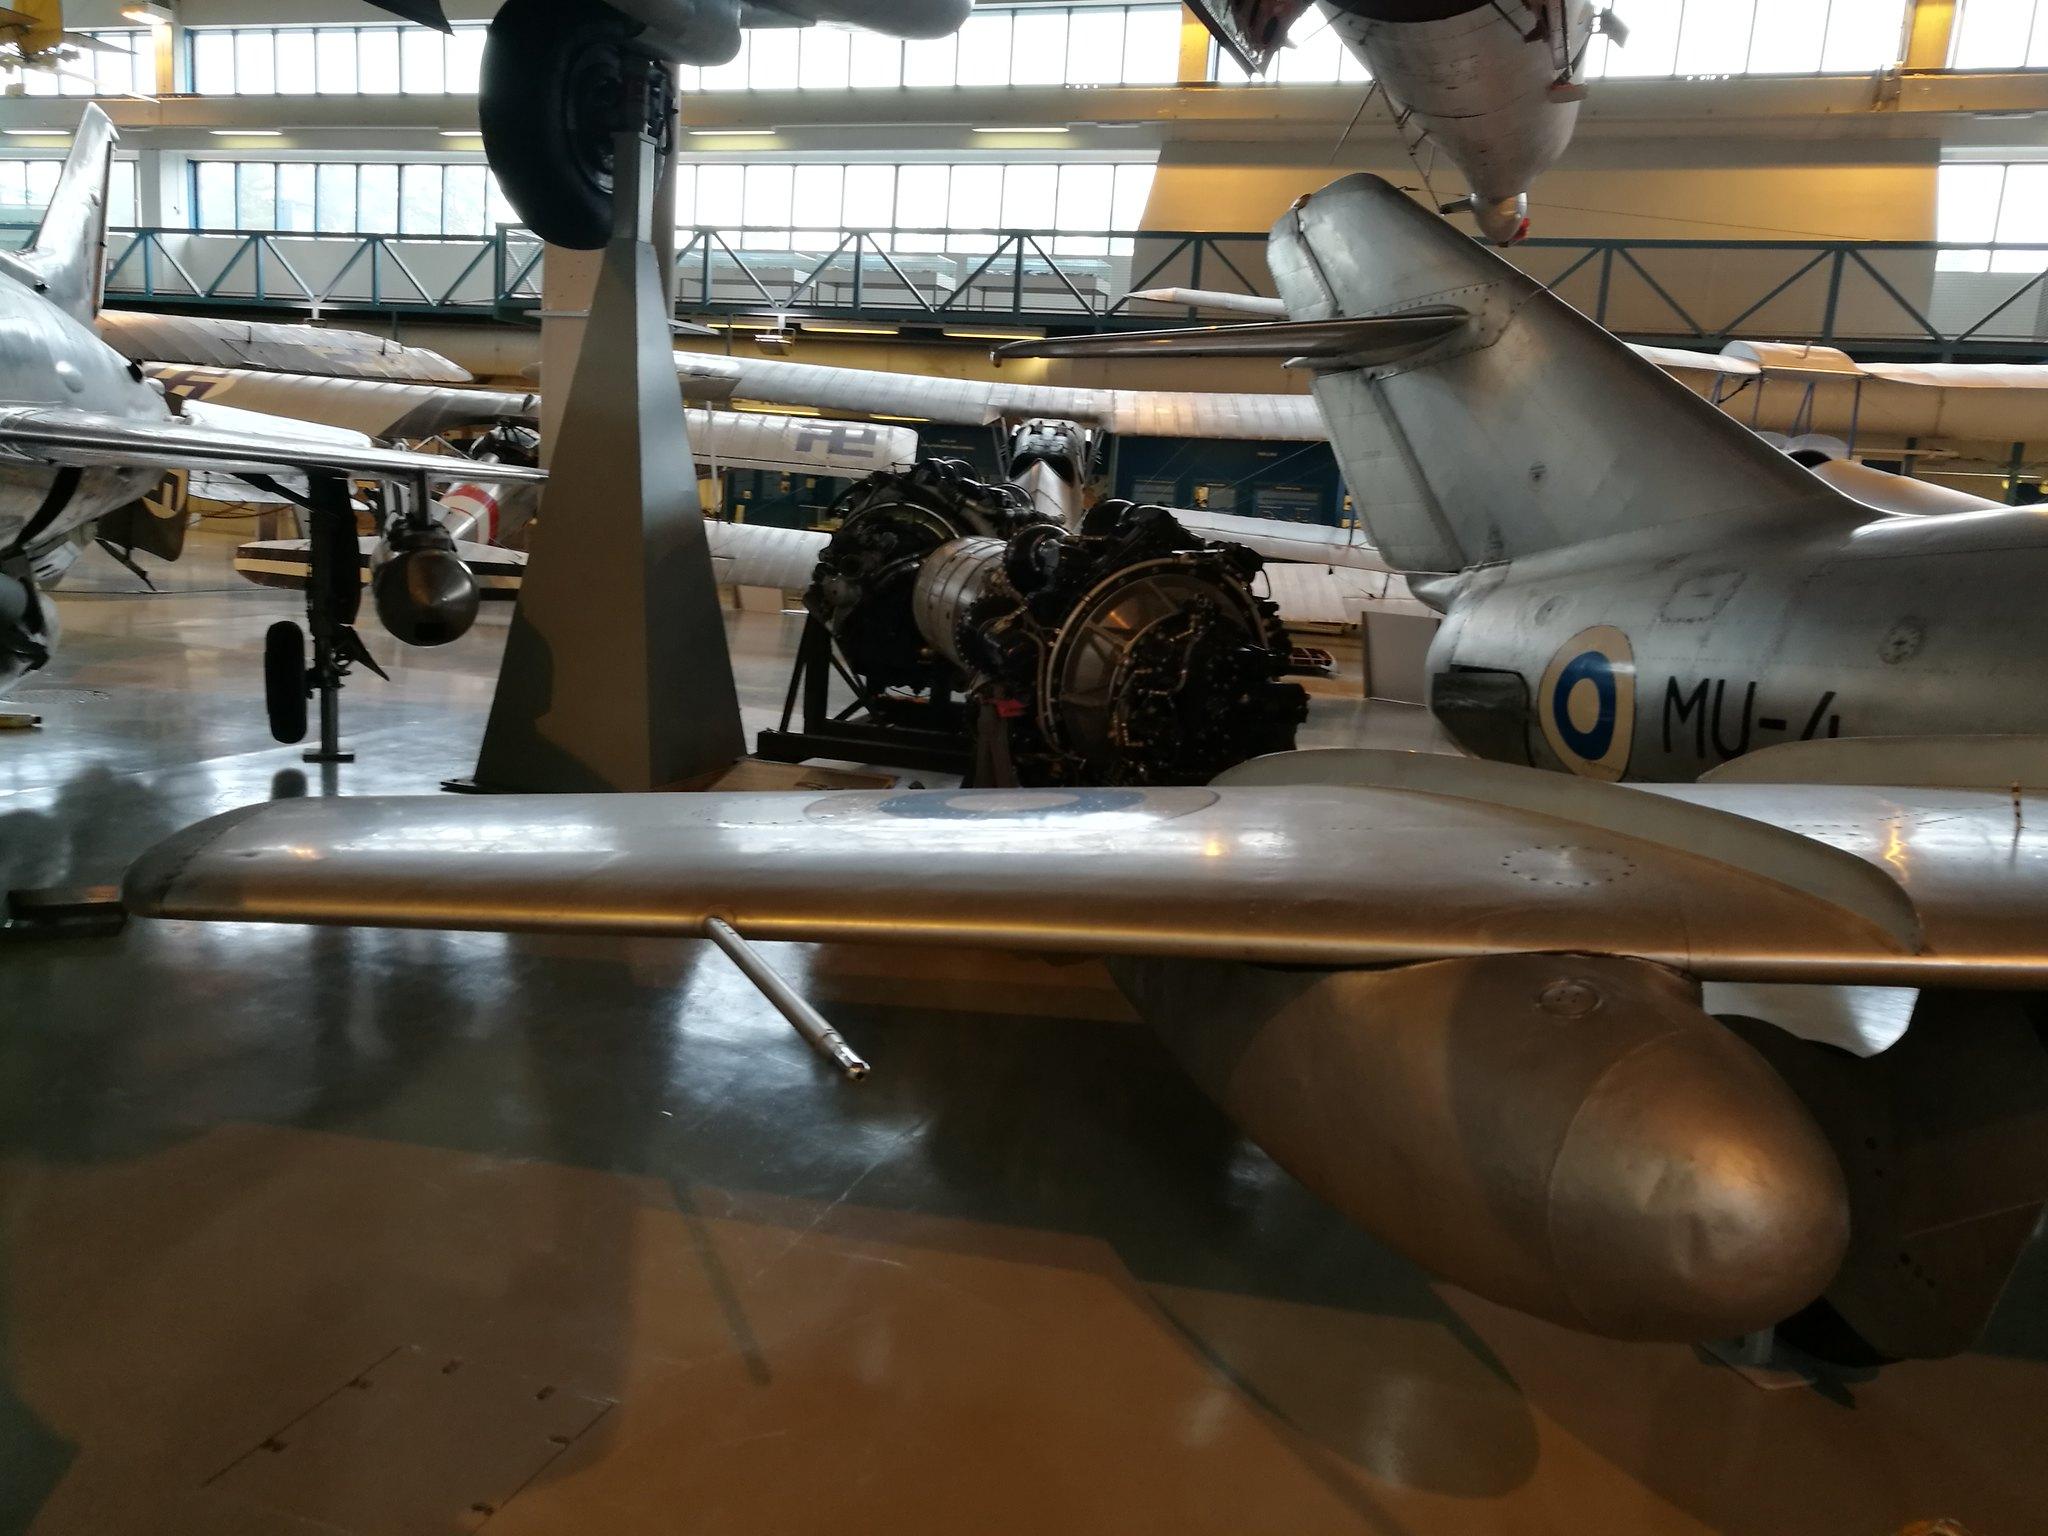 Hemkommen från semester i Finland med utflykt till Finlands Flygvapenmuseum. 48287370816_74fef5885e_k